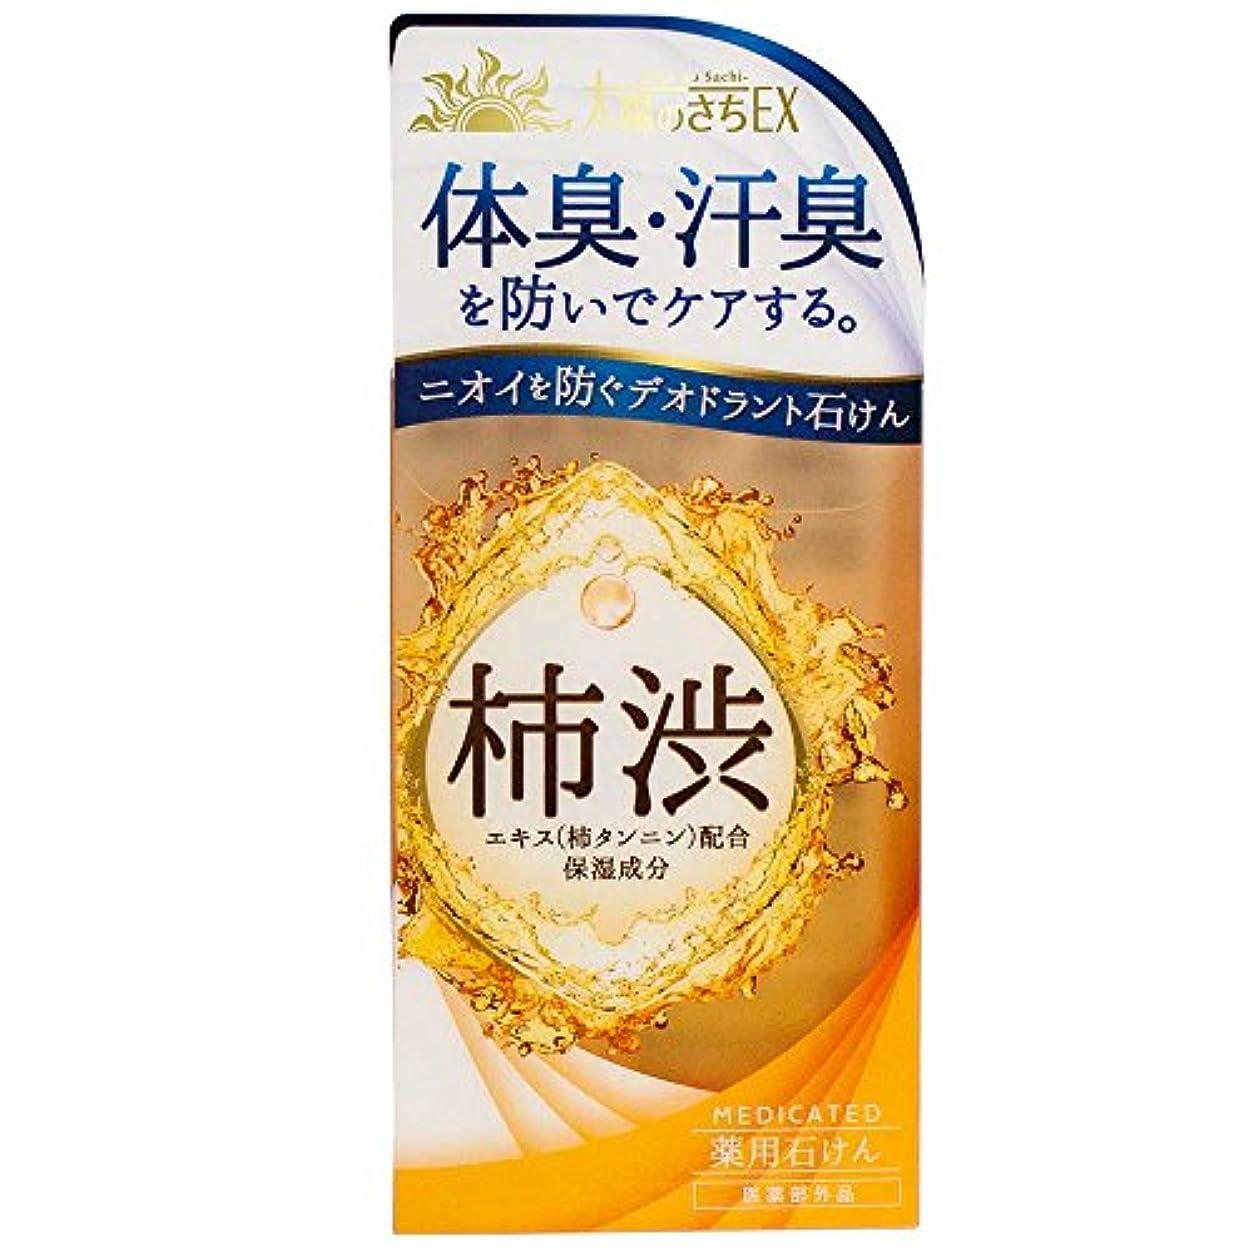 市民定義するペック薬用太陽のさちEX 柿渋石けん 120g